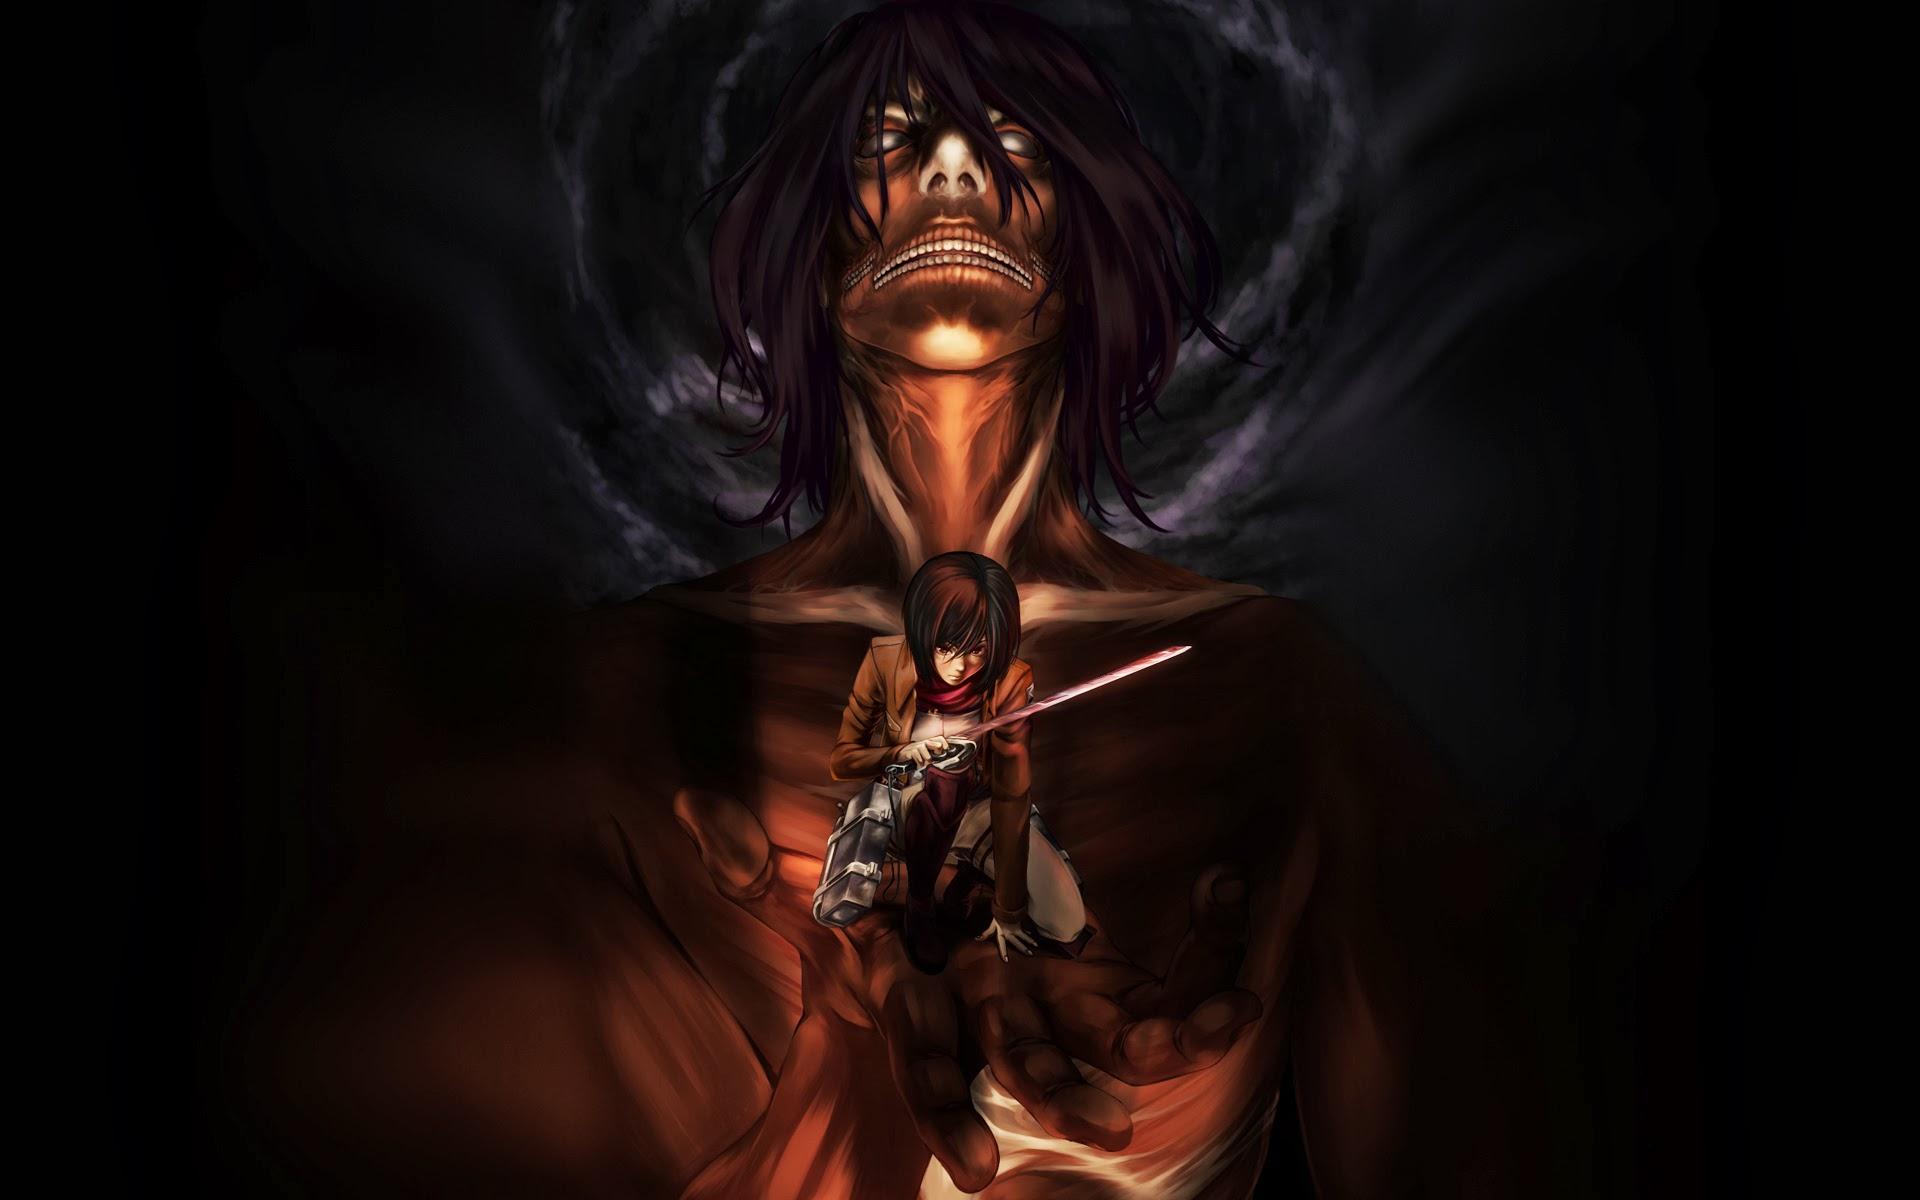 mikasa titan black - photo #6